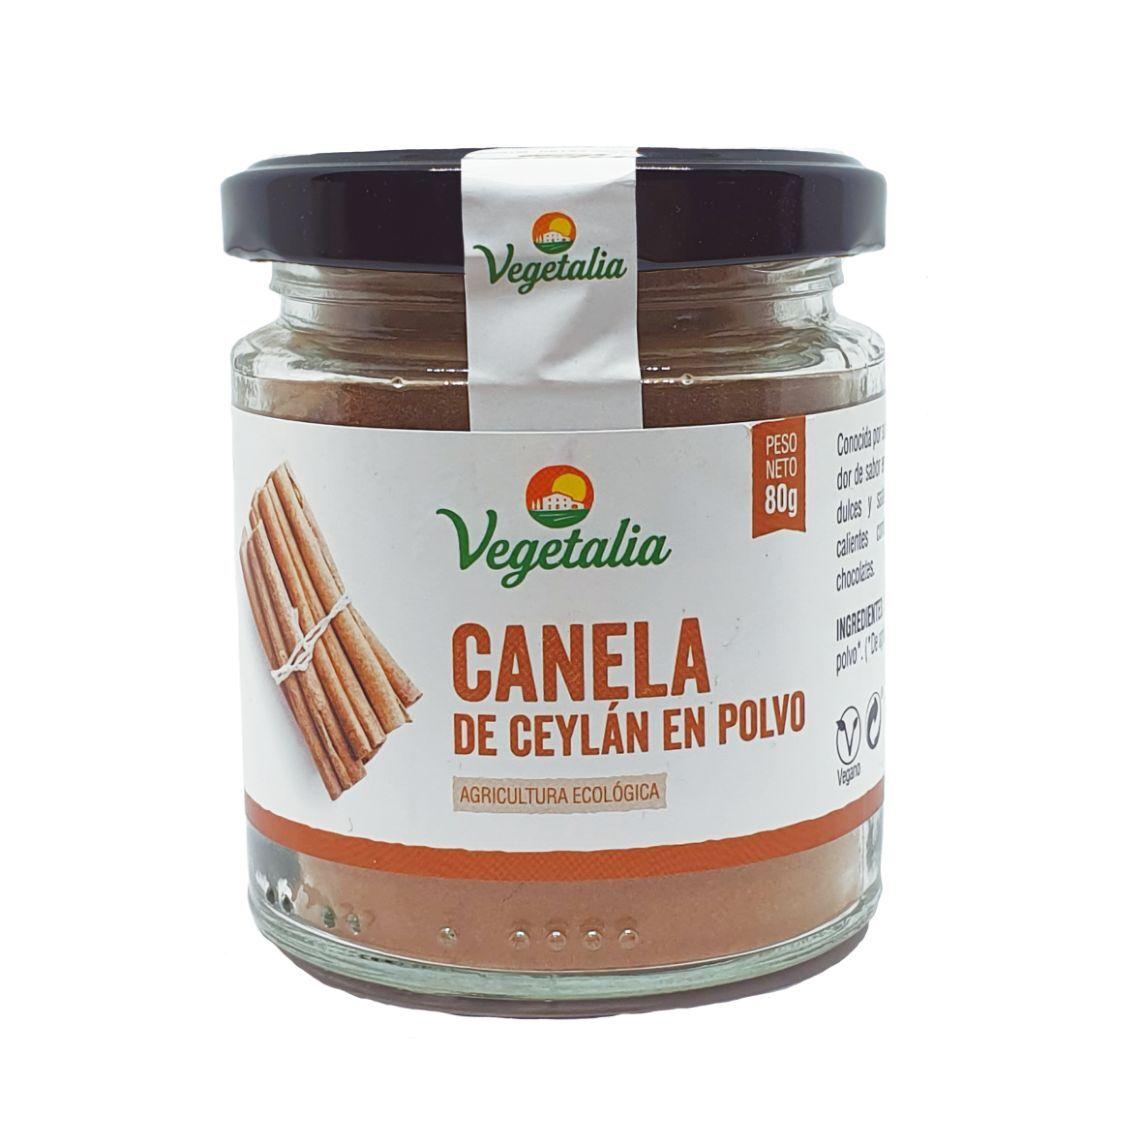 CANELA EN POLVO DE CEYLAN BIO CCPAE 80 g VEGETALIA en Biovegalia